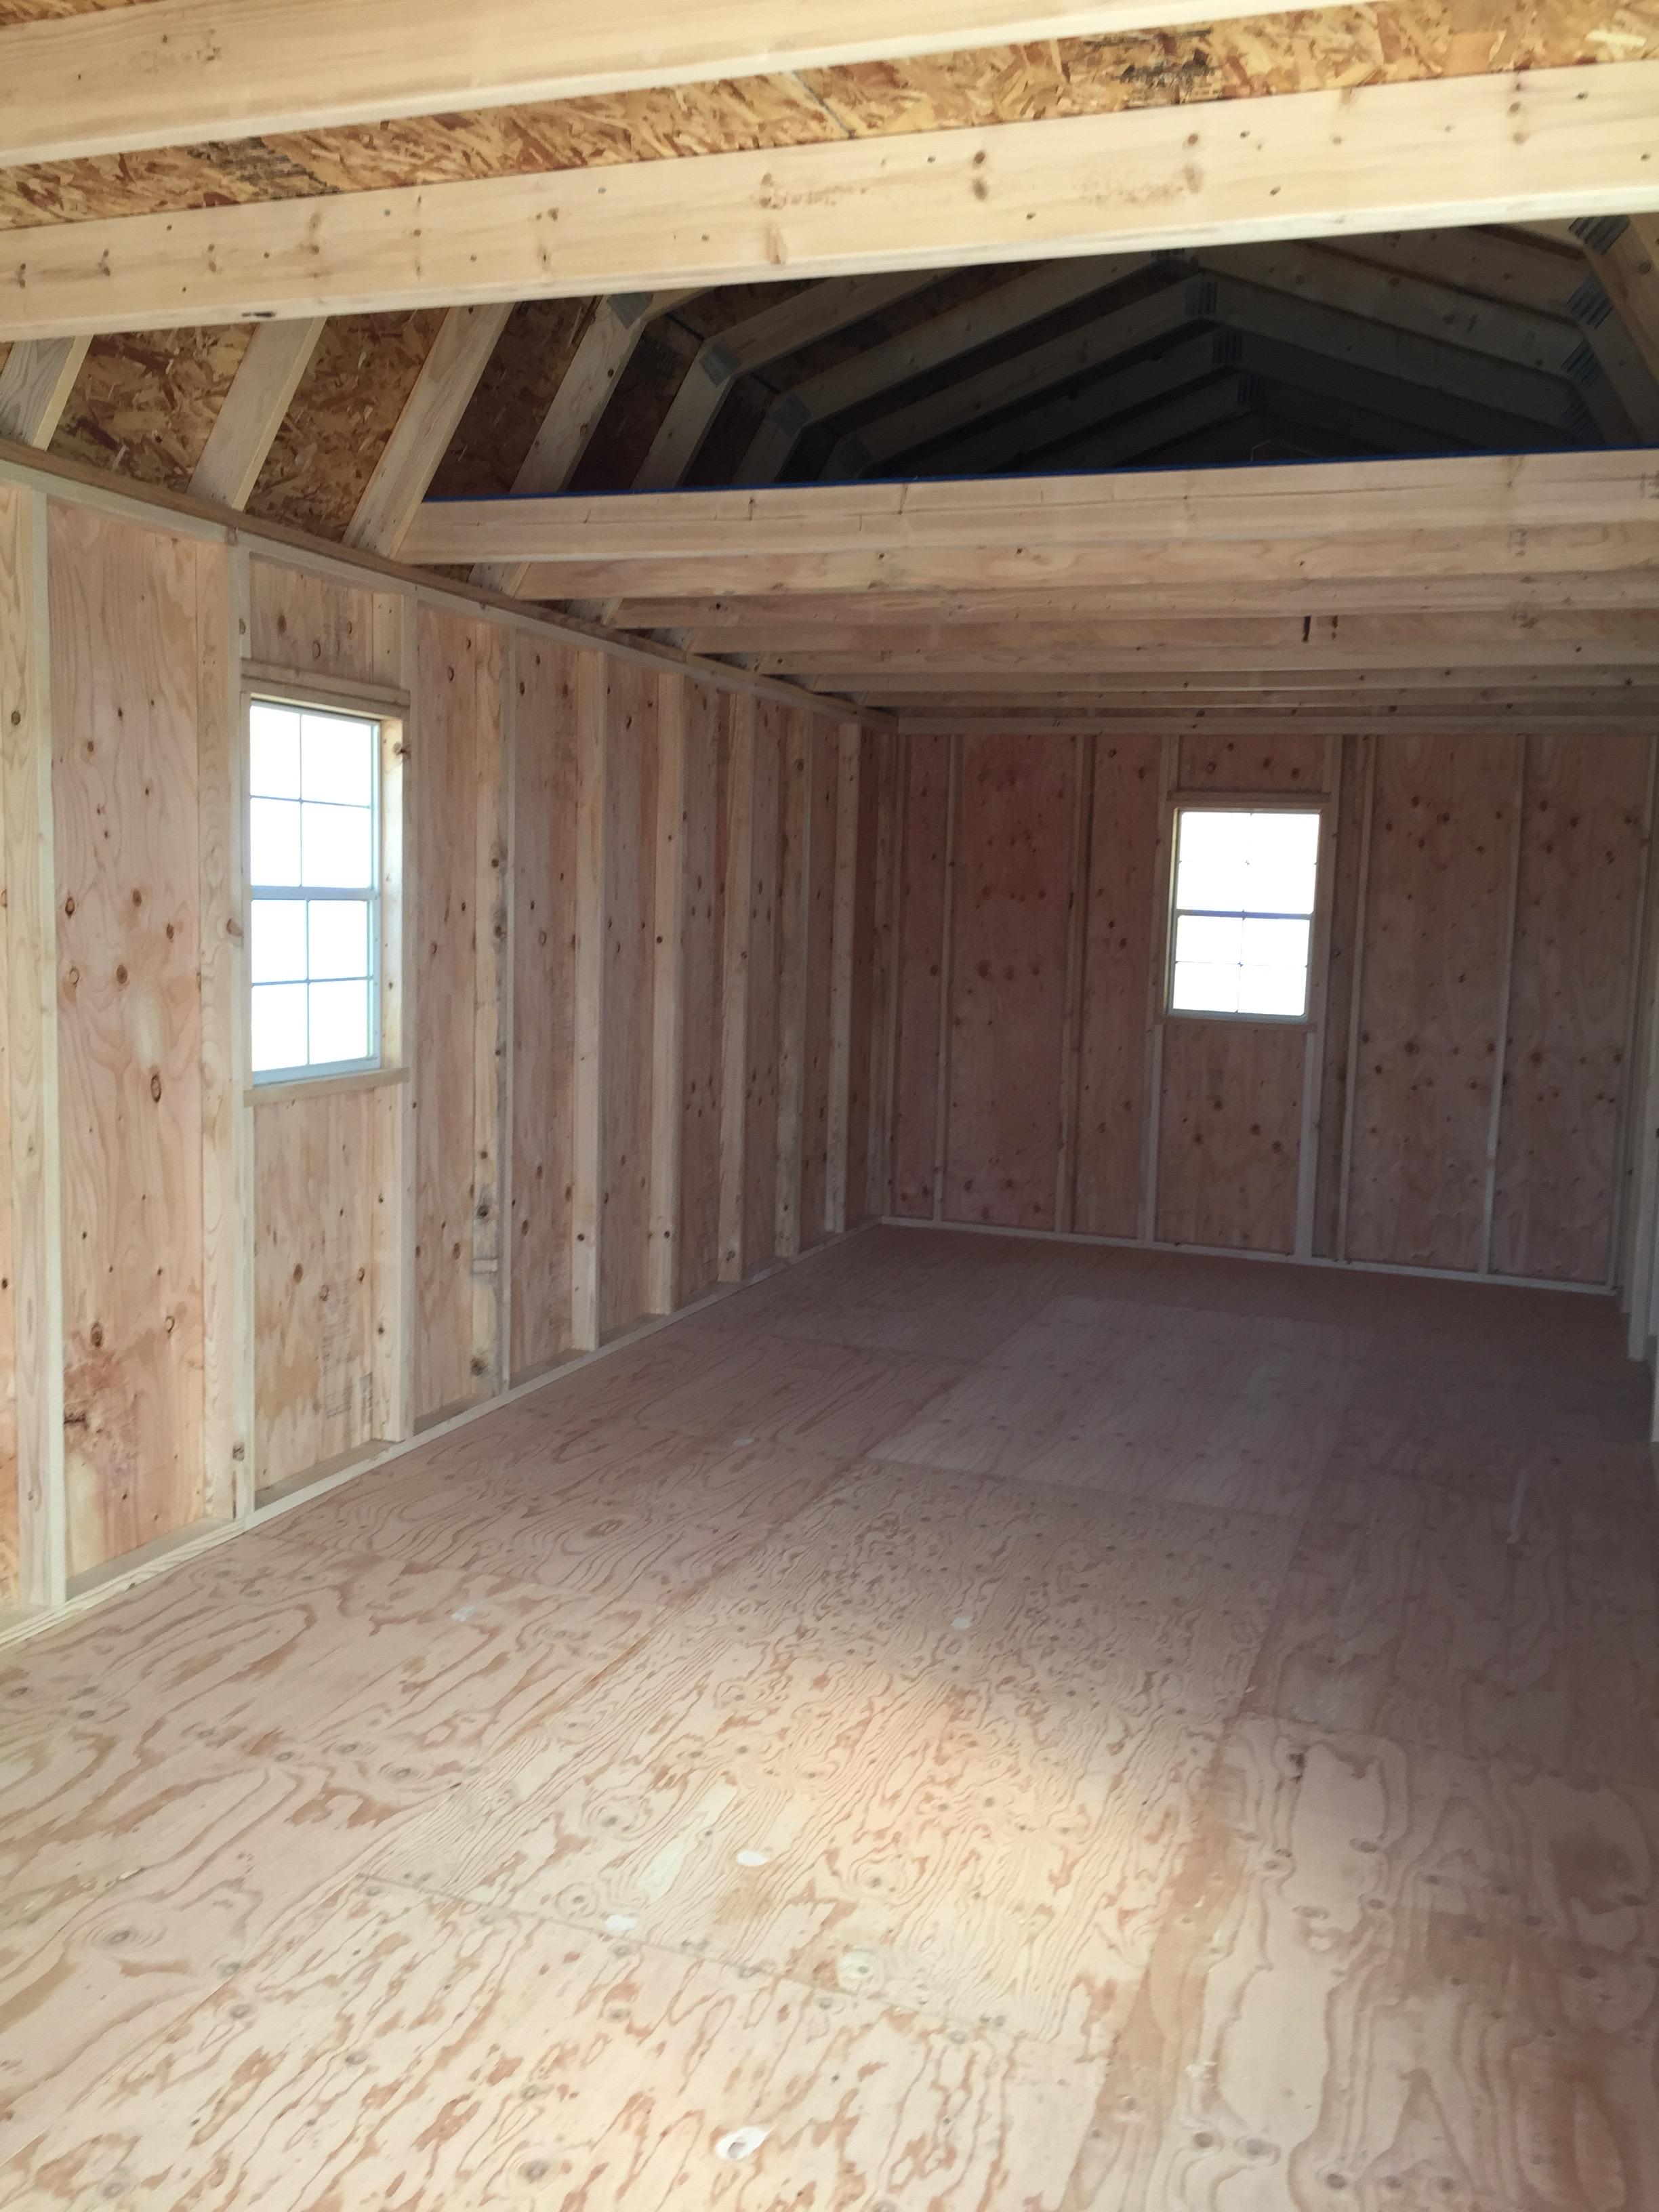 Inside a lofted barn cabin